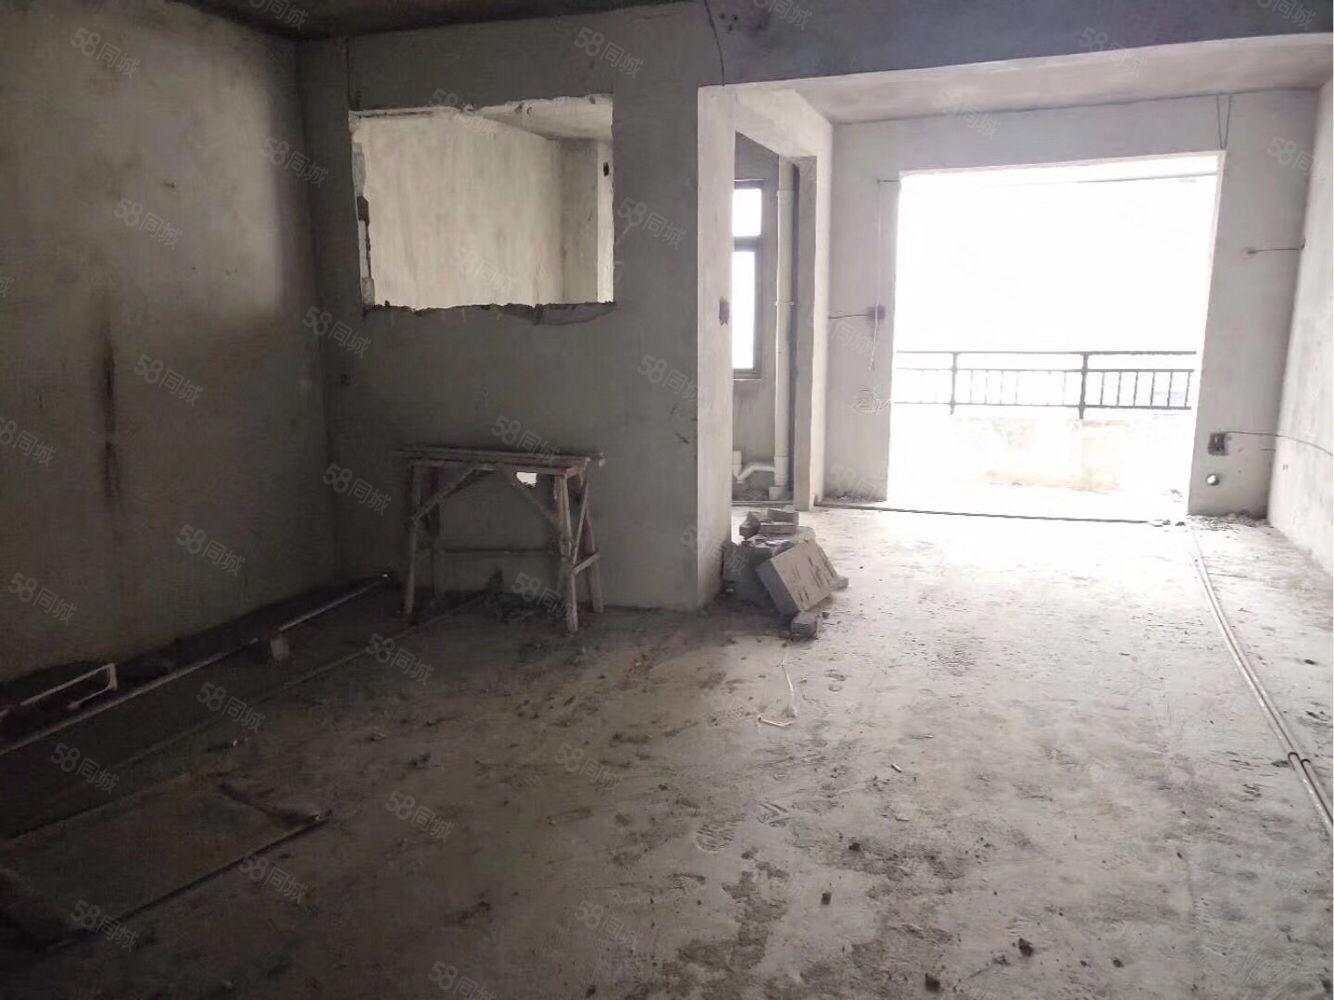 急卖宏洋凤凰城,单价7000,中间楼层双阳台,忍痛贱卖,机会